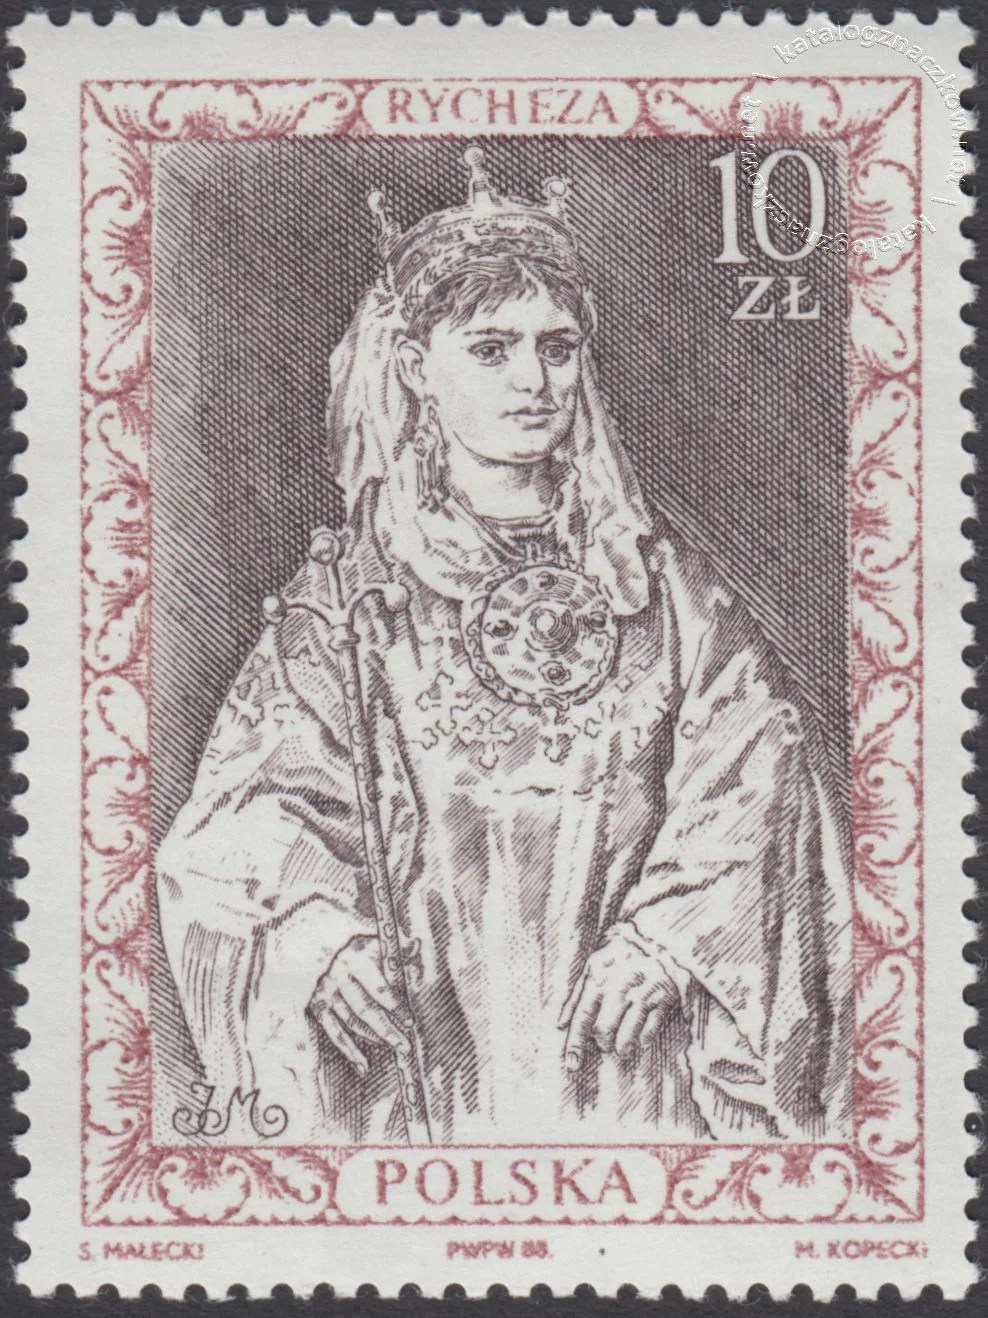 Poczet królów i książąt polskich znaczek nr 3030